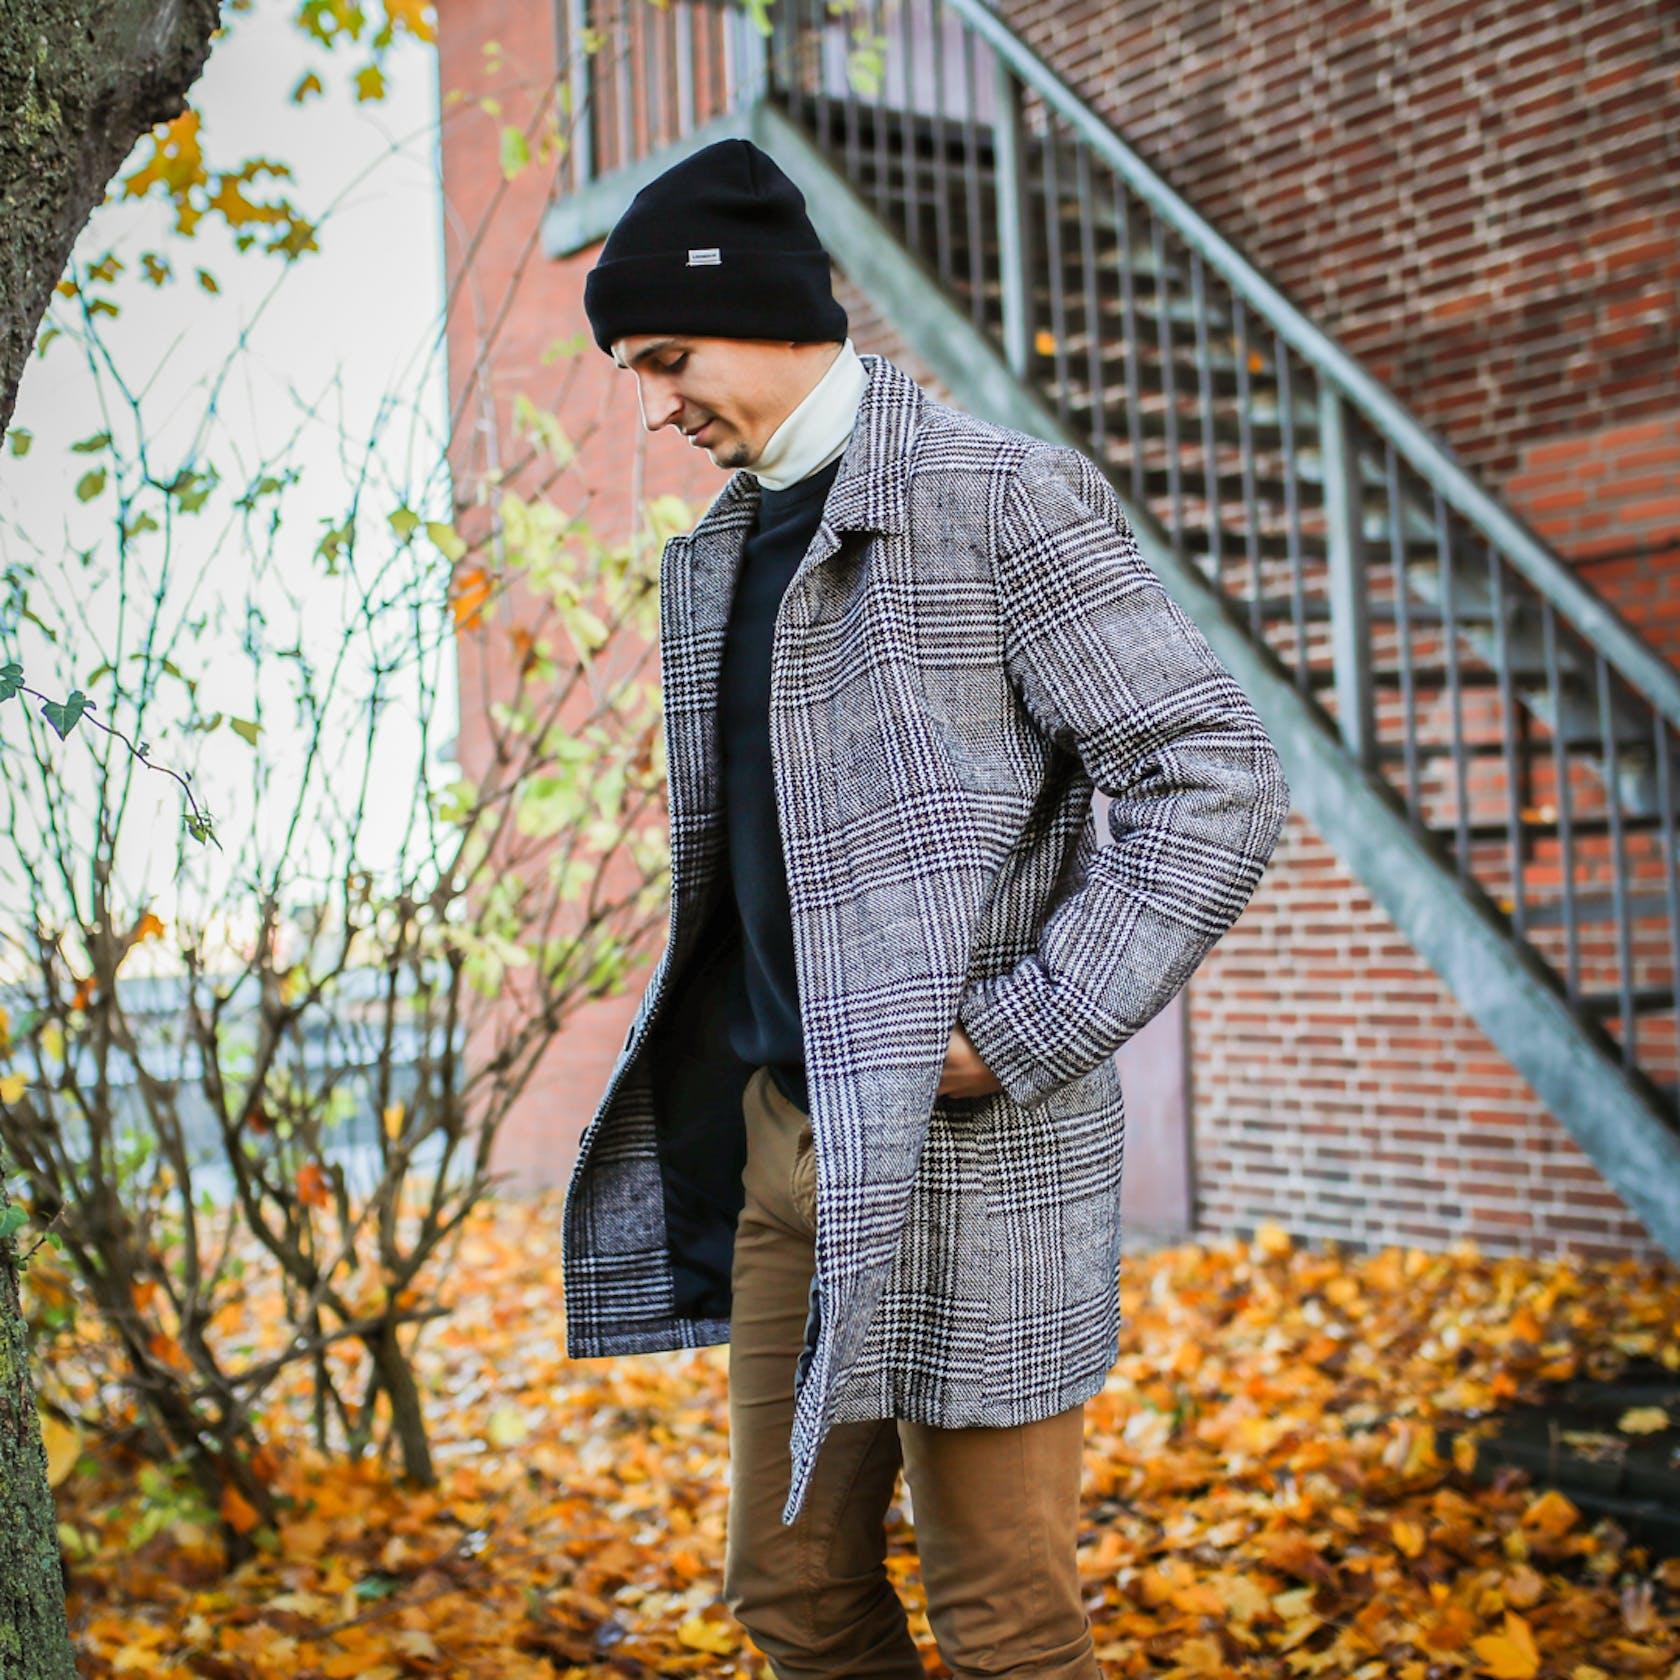 Marius Steinhauser von der SG Flensburg-Handewitt zeigt einen Look rund um den Mantel